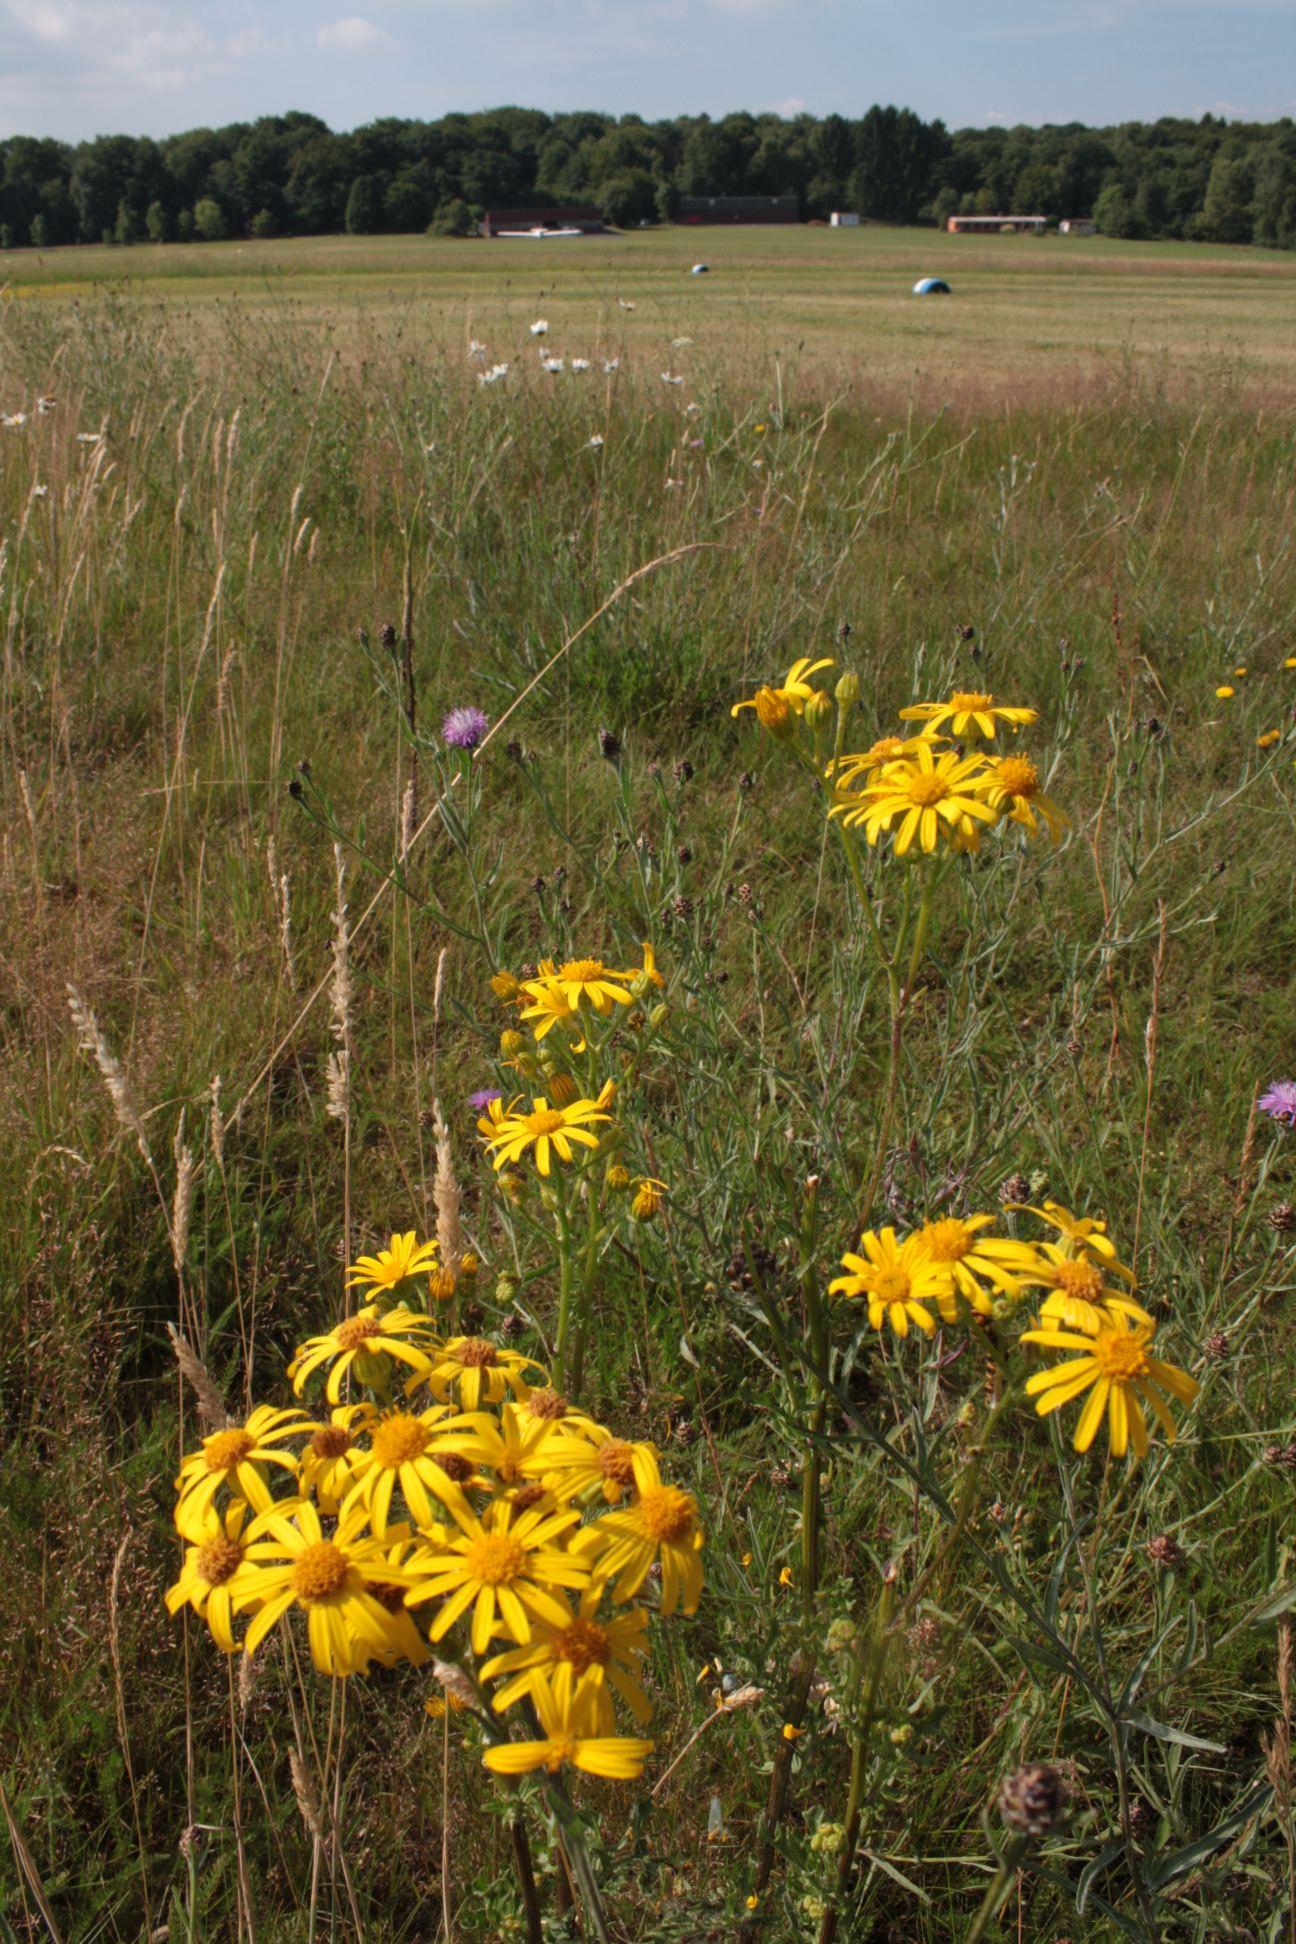 Blüten des Jakobskreuzkrautes (Bild: K. Weddeling)